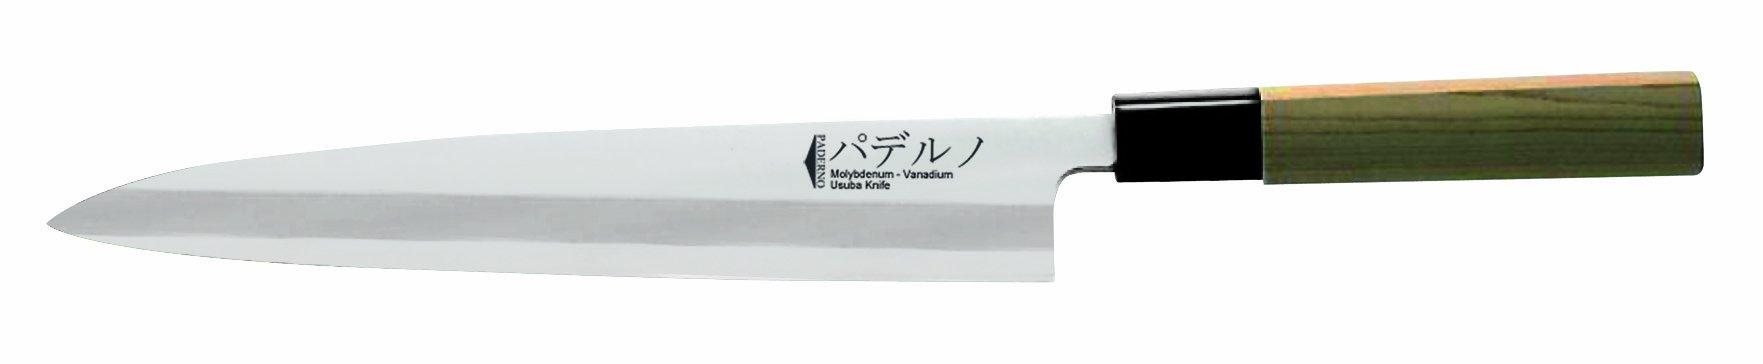 Paderno World Cuisine Oroshi Japanese Sushi Knife, 9-1/2-Inch